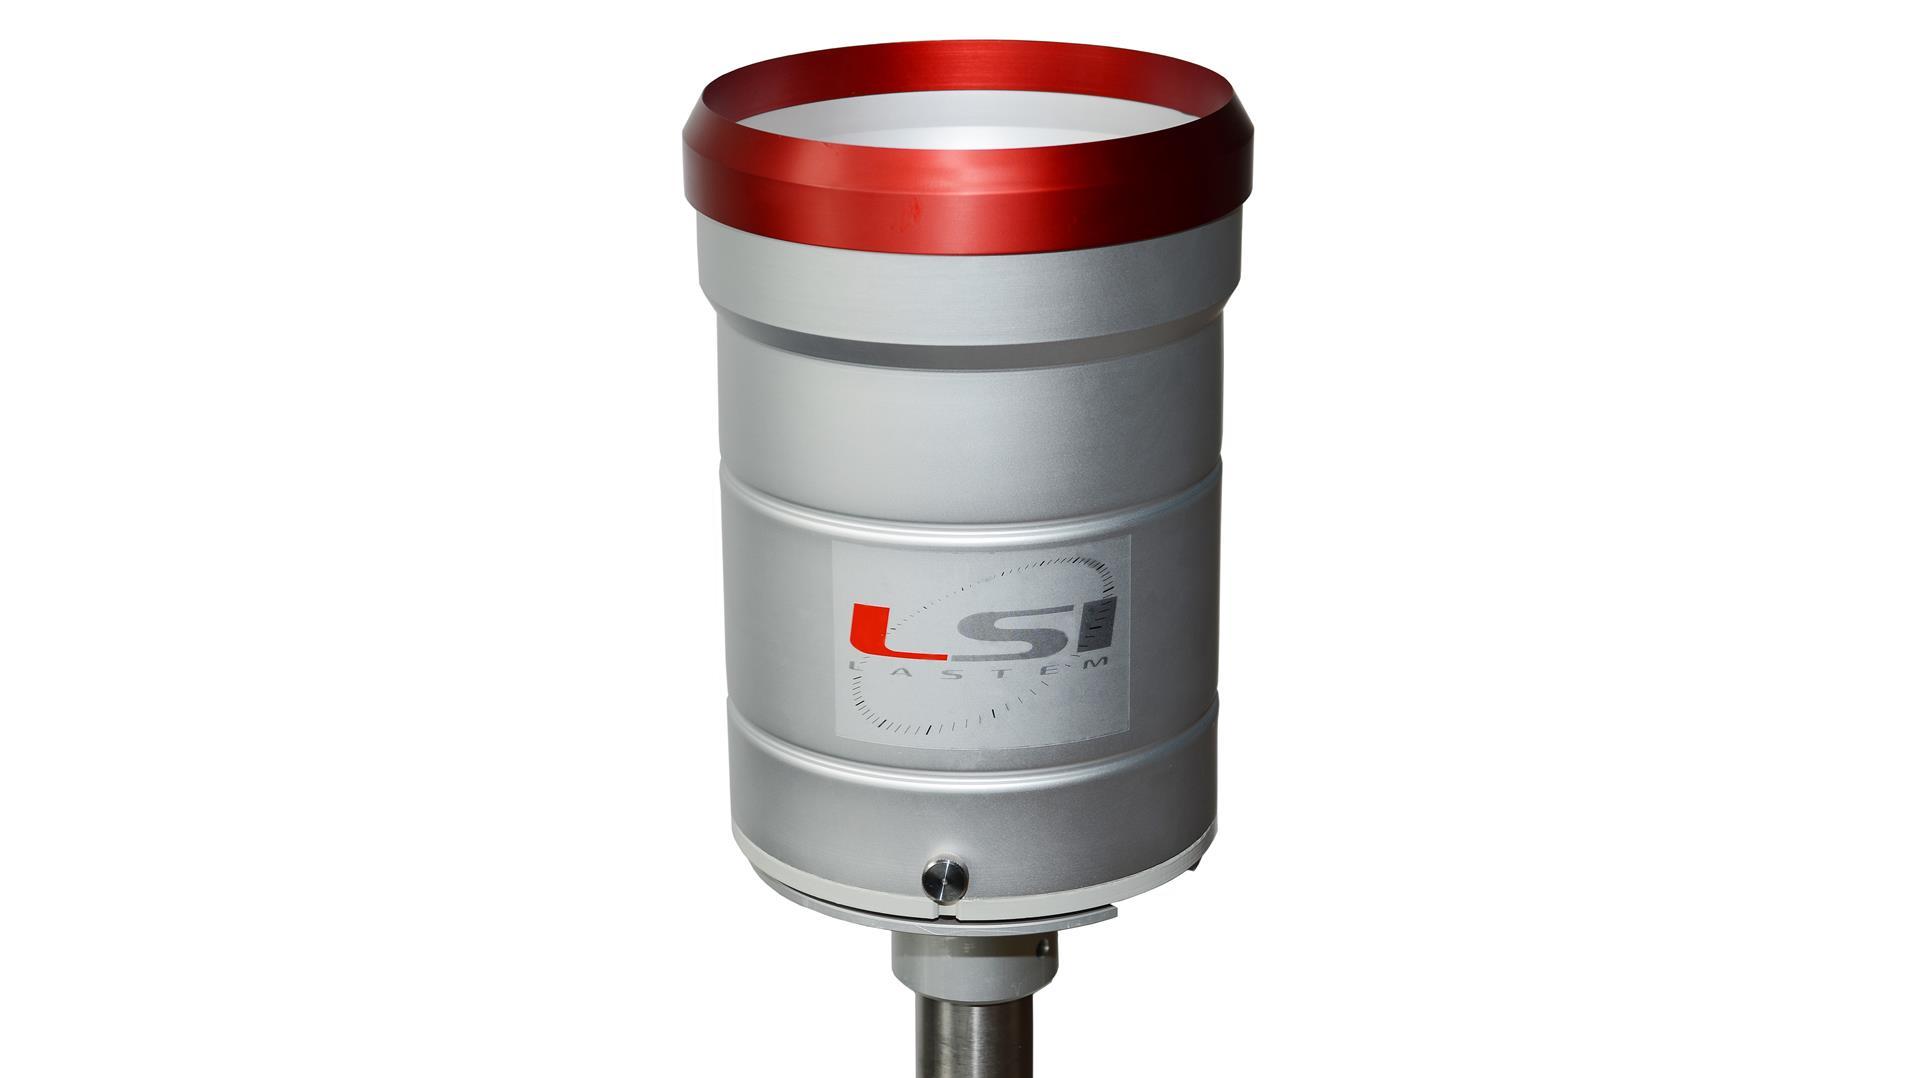 Cảm biến đo mưa LSI-lastem DQA230.1